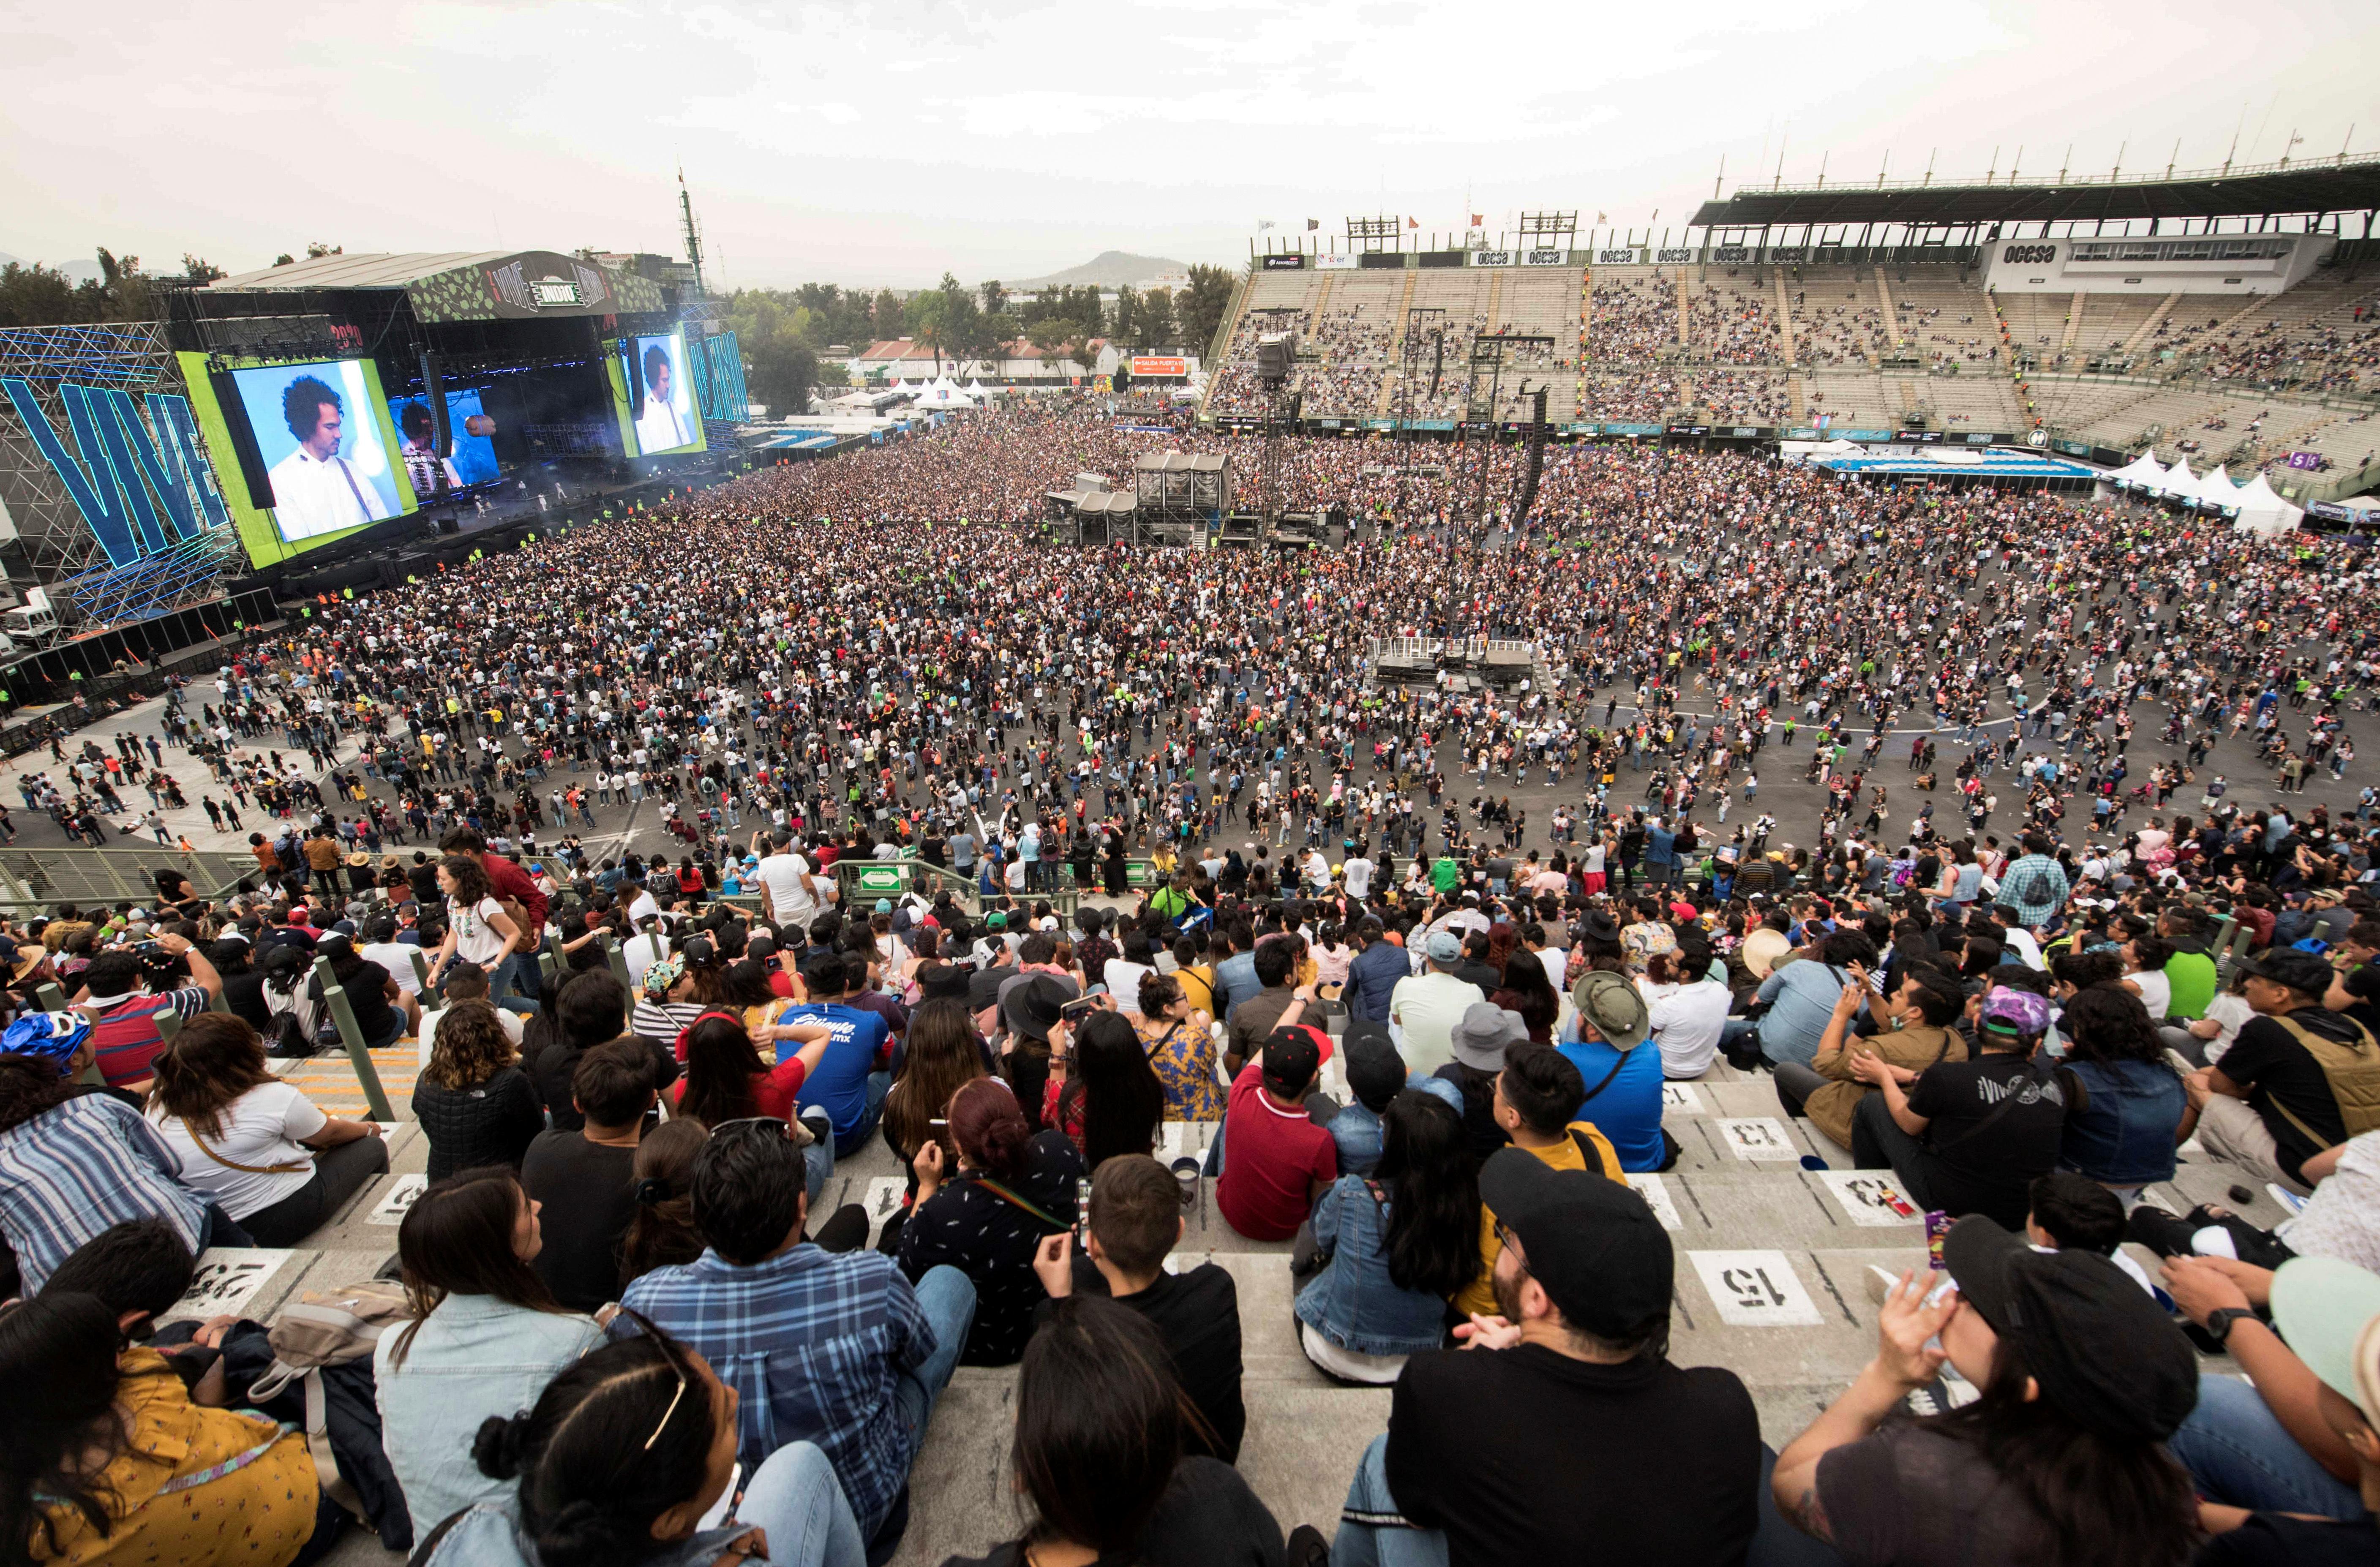 Miles de asistentes durante la presentación de Porter en el festival Vive Latino.